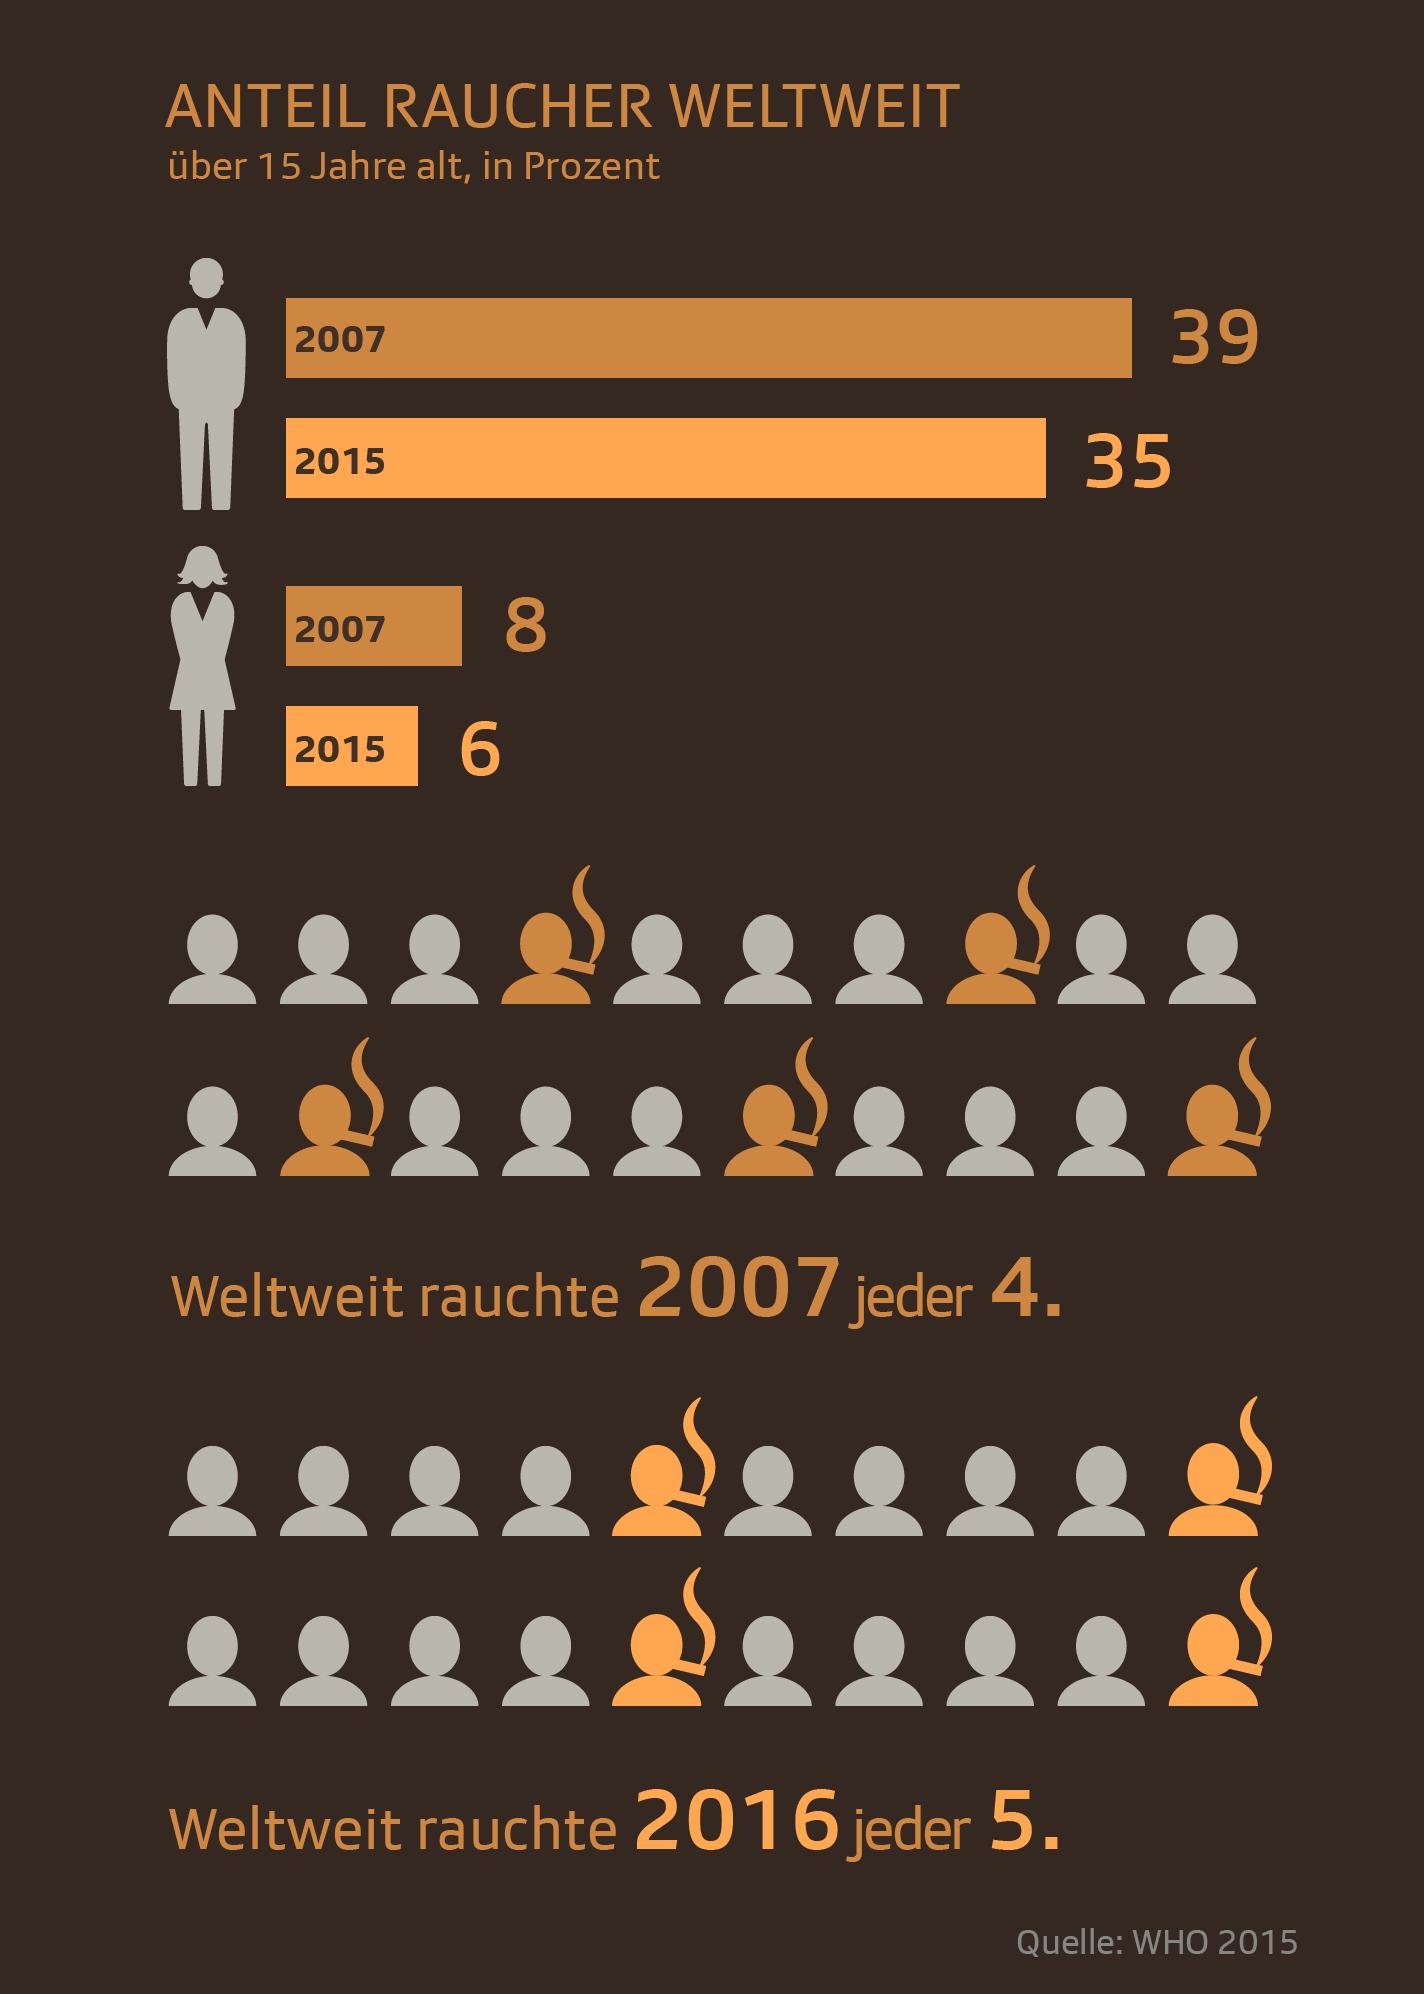 Anzahl der Raucher weltweit